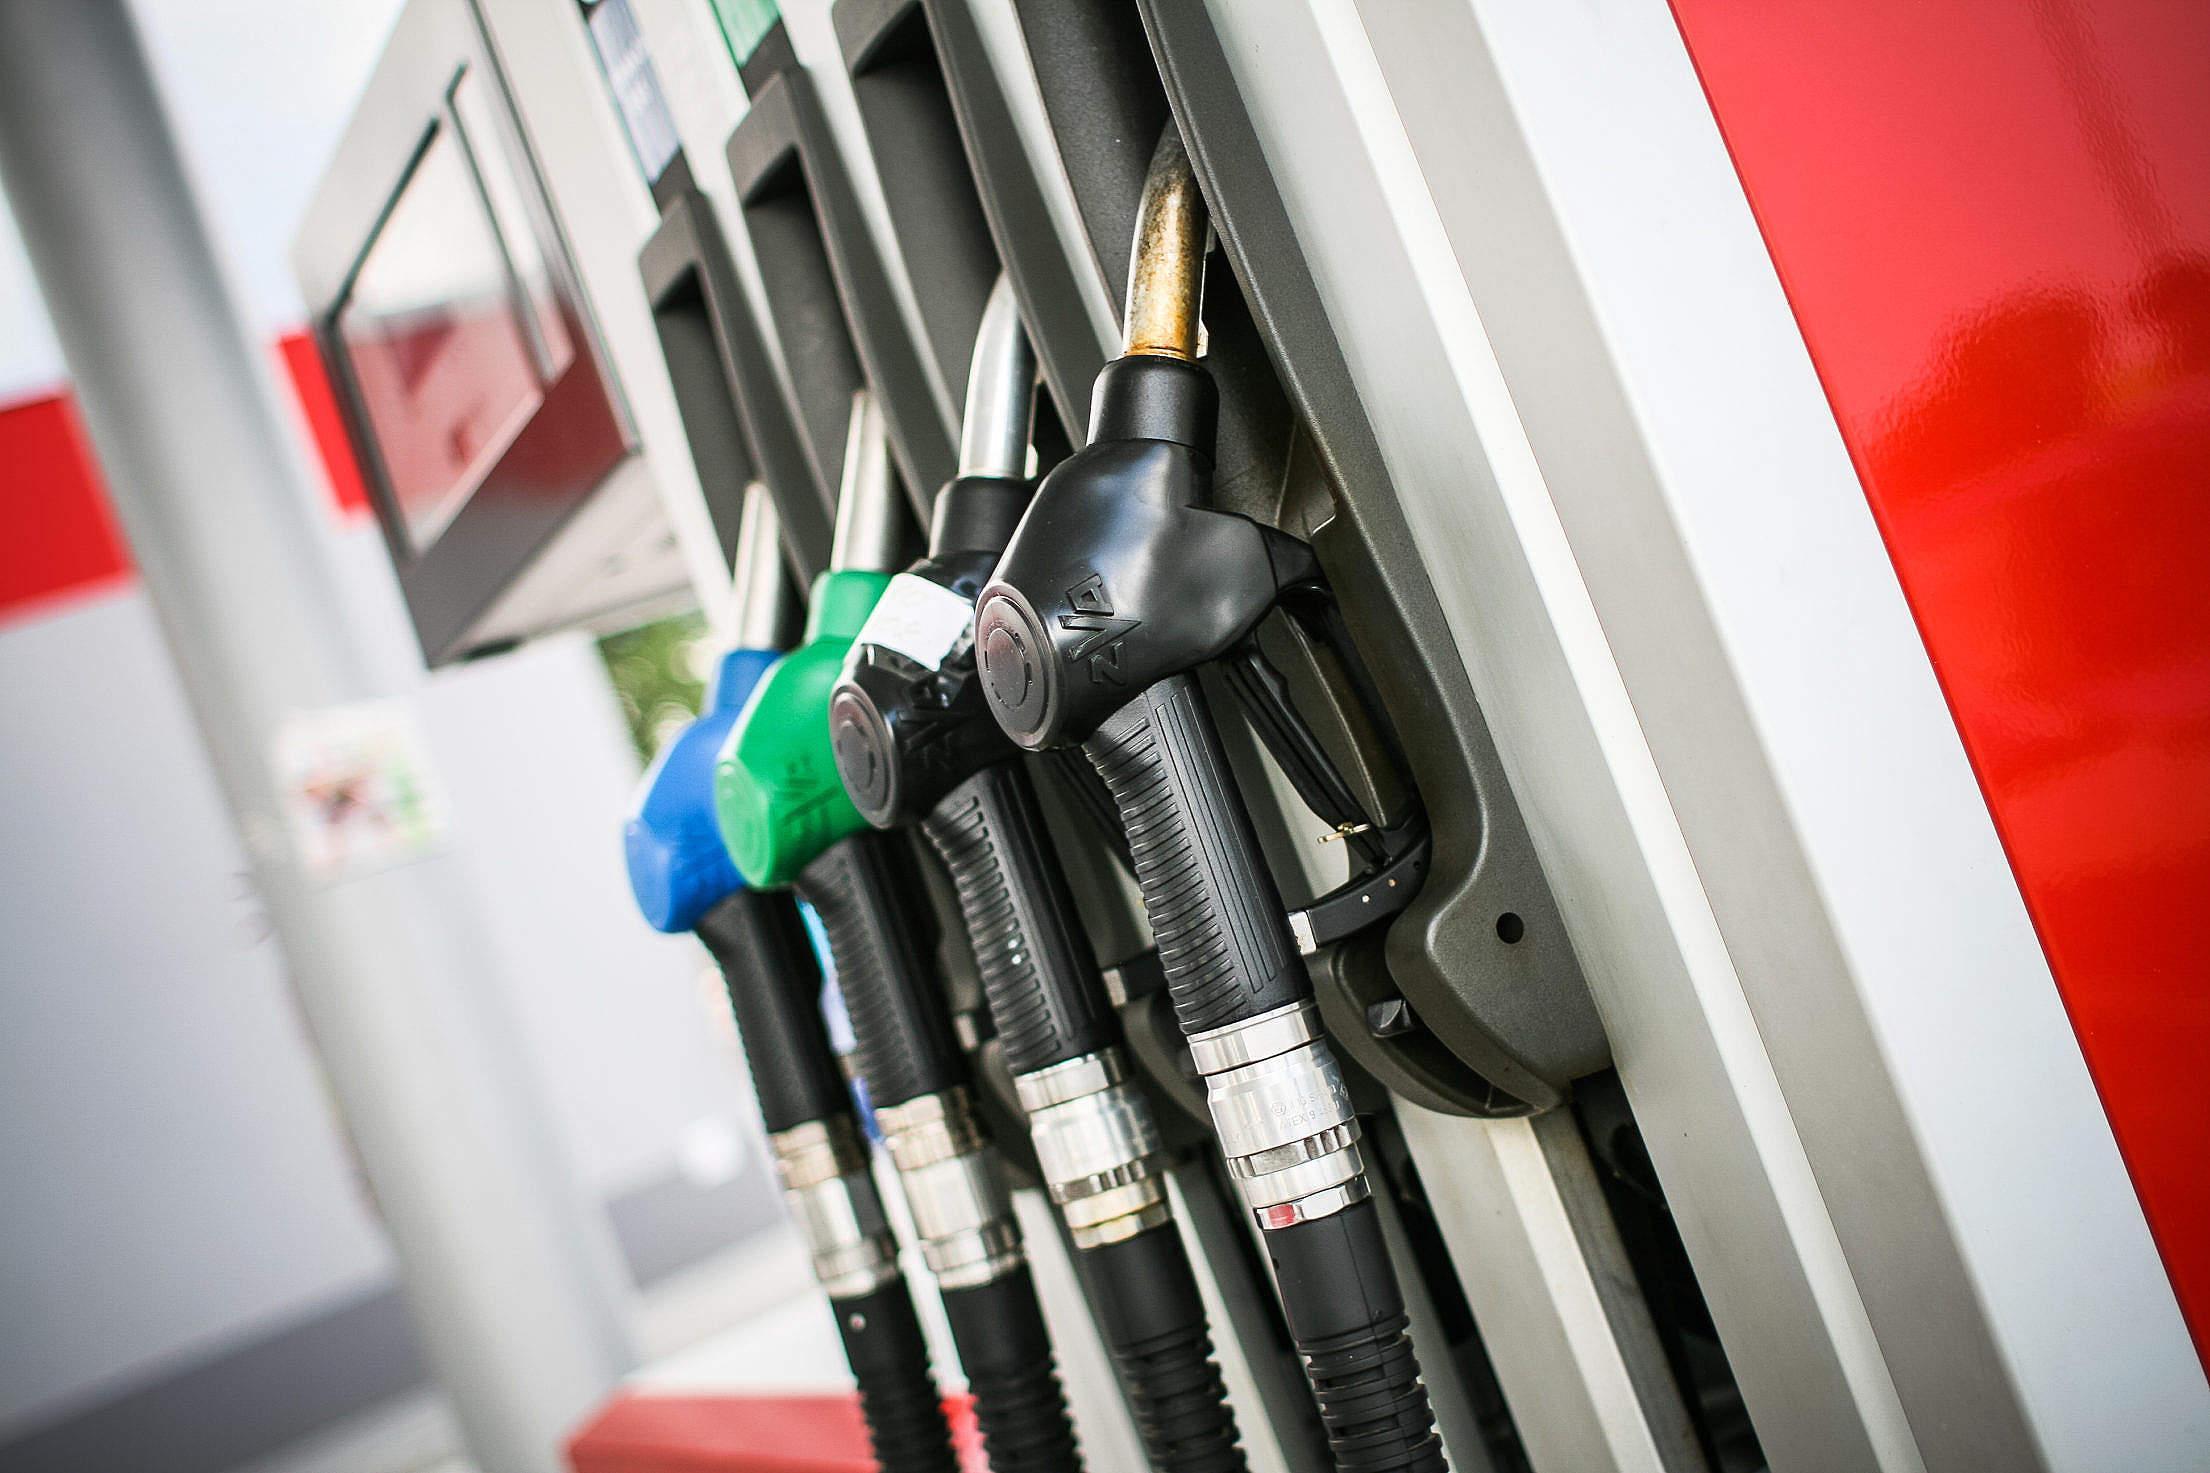 precios-del-aceite-revision-de-xlntrade-2